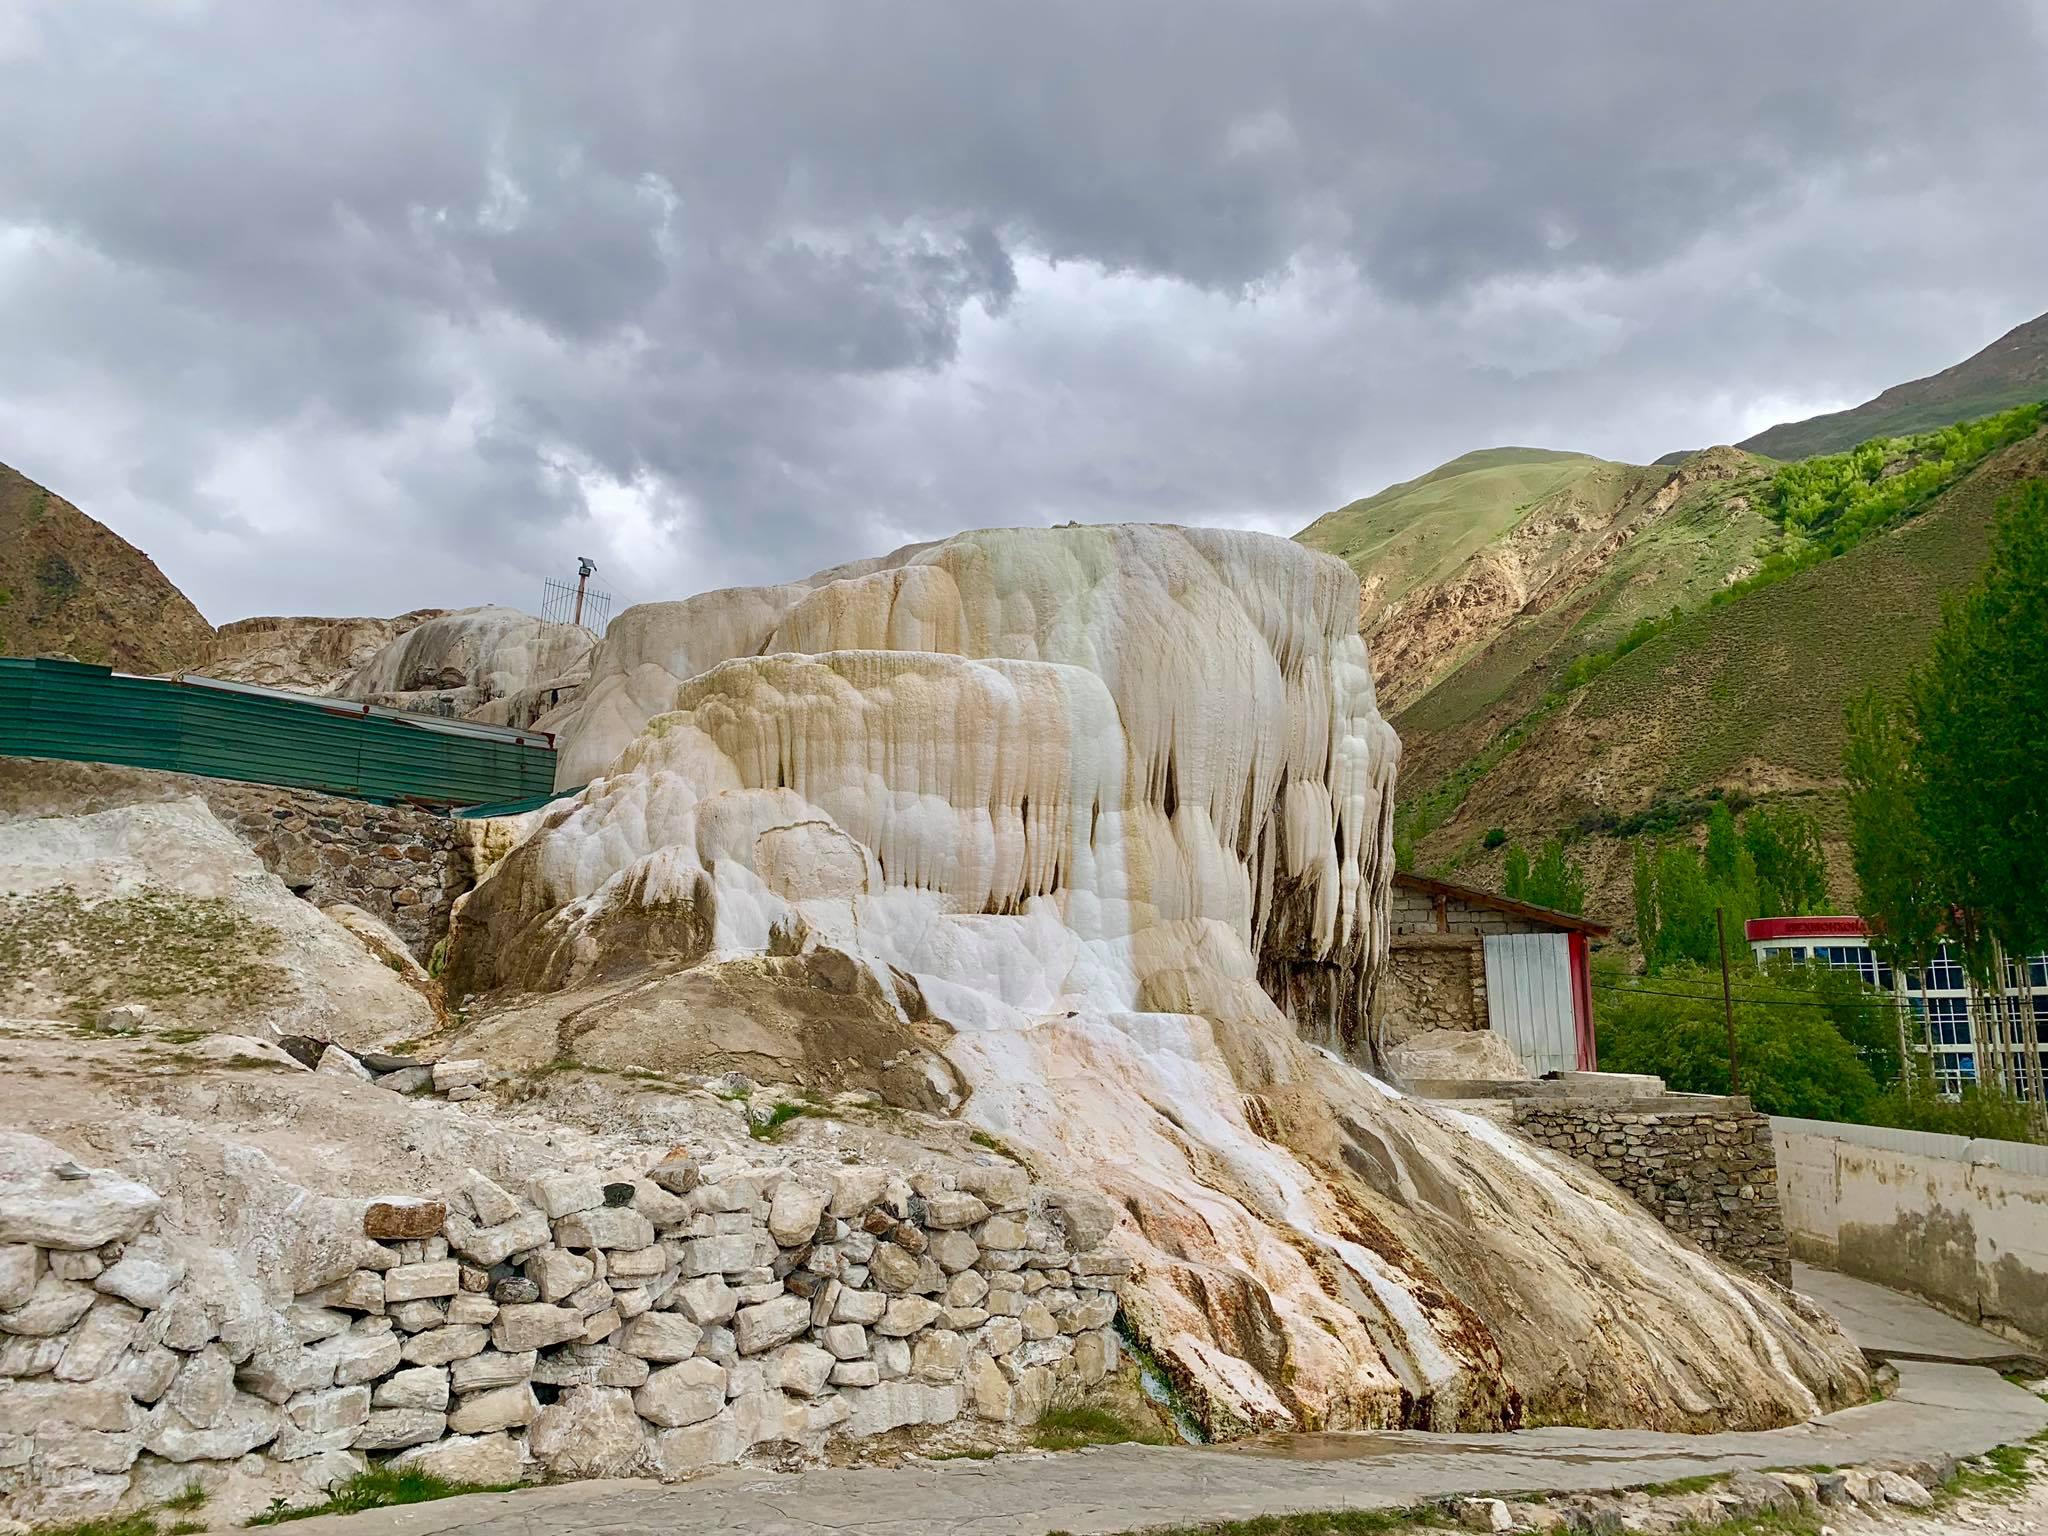 Kach Solo Travels in 2019 Pamir Highway Trip in Tajikistan9.jpg